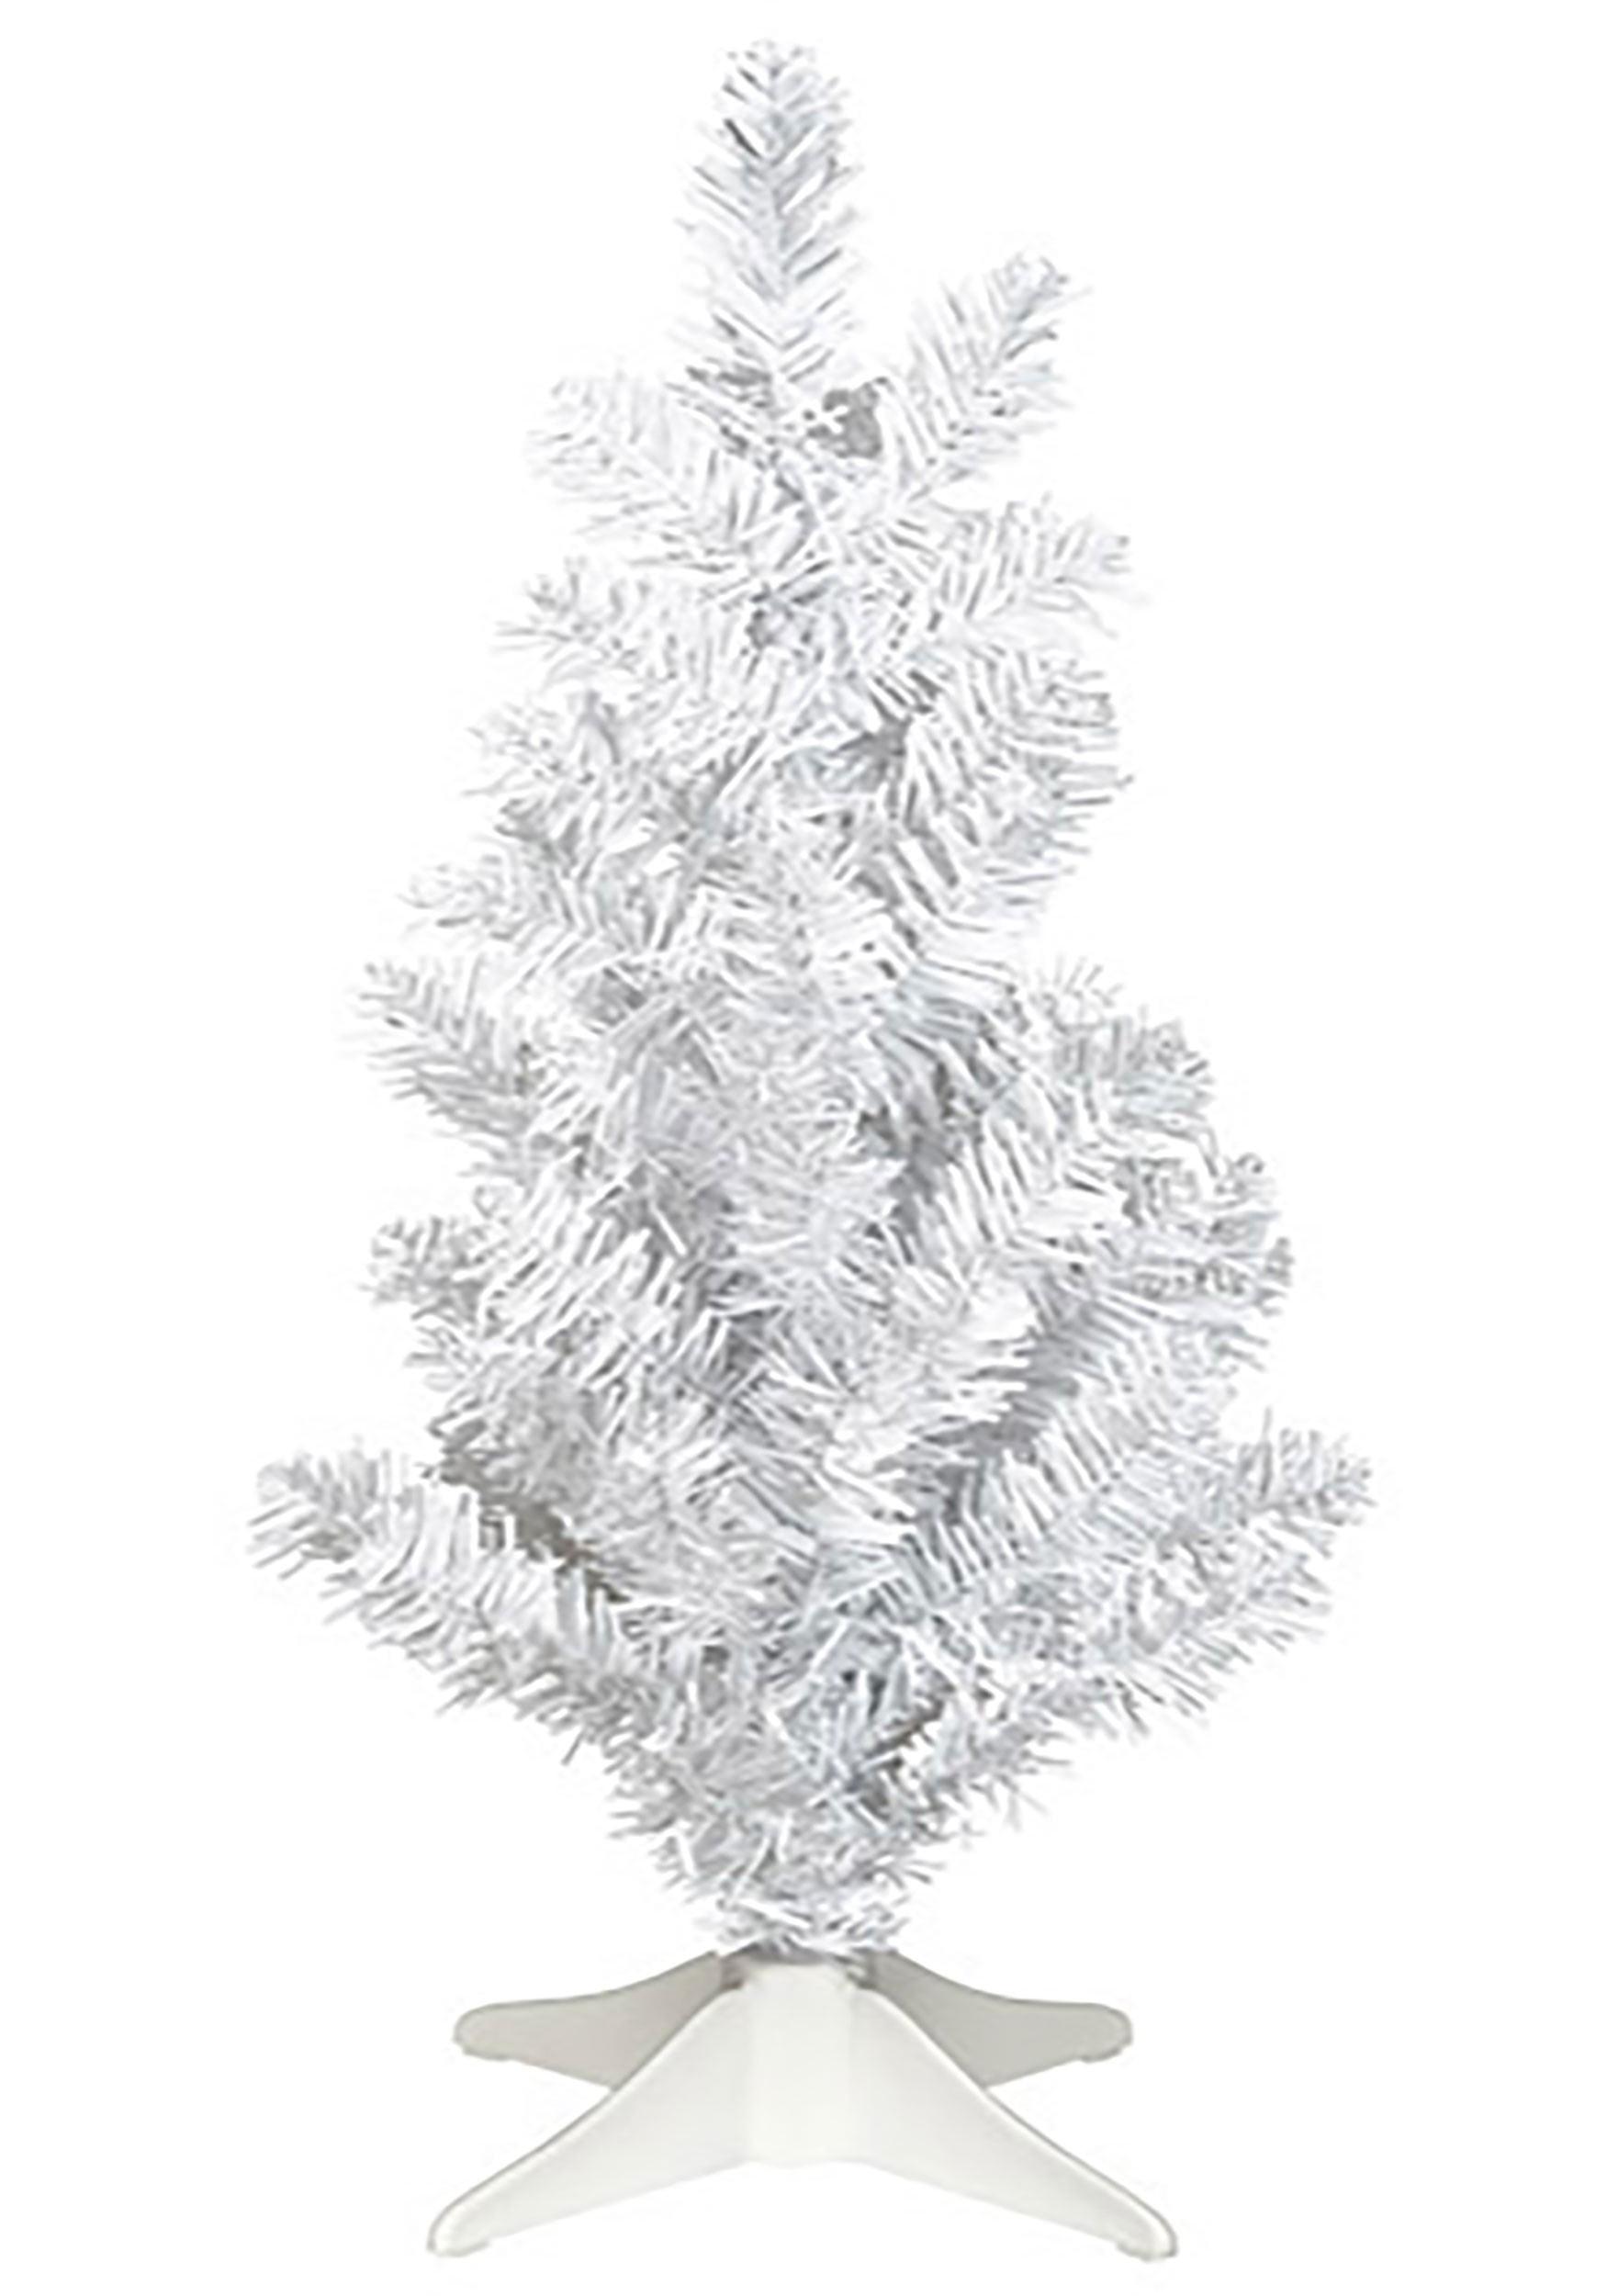 mini christmas tree white 6 x 14 inches walmart com walmart com mini christmas tree white 6 x 14 inches walmart com